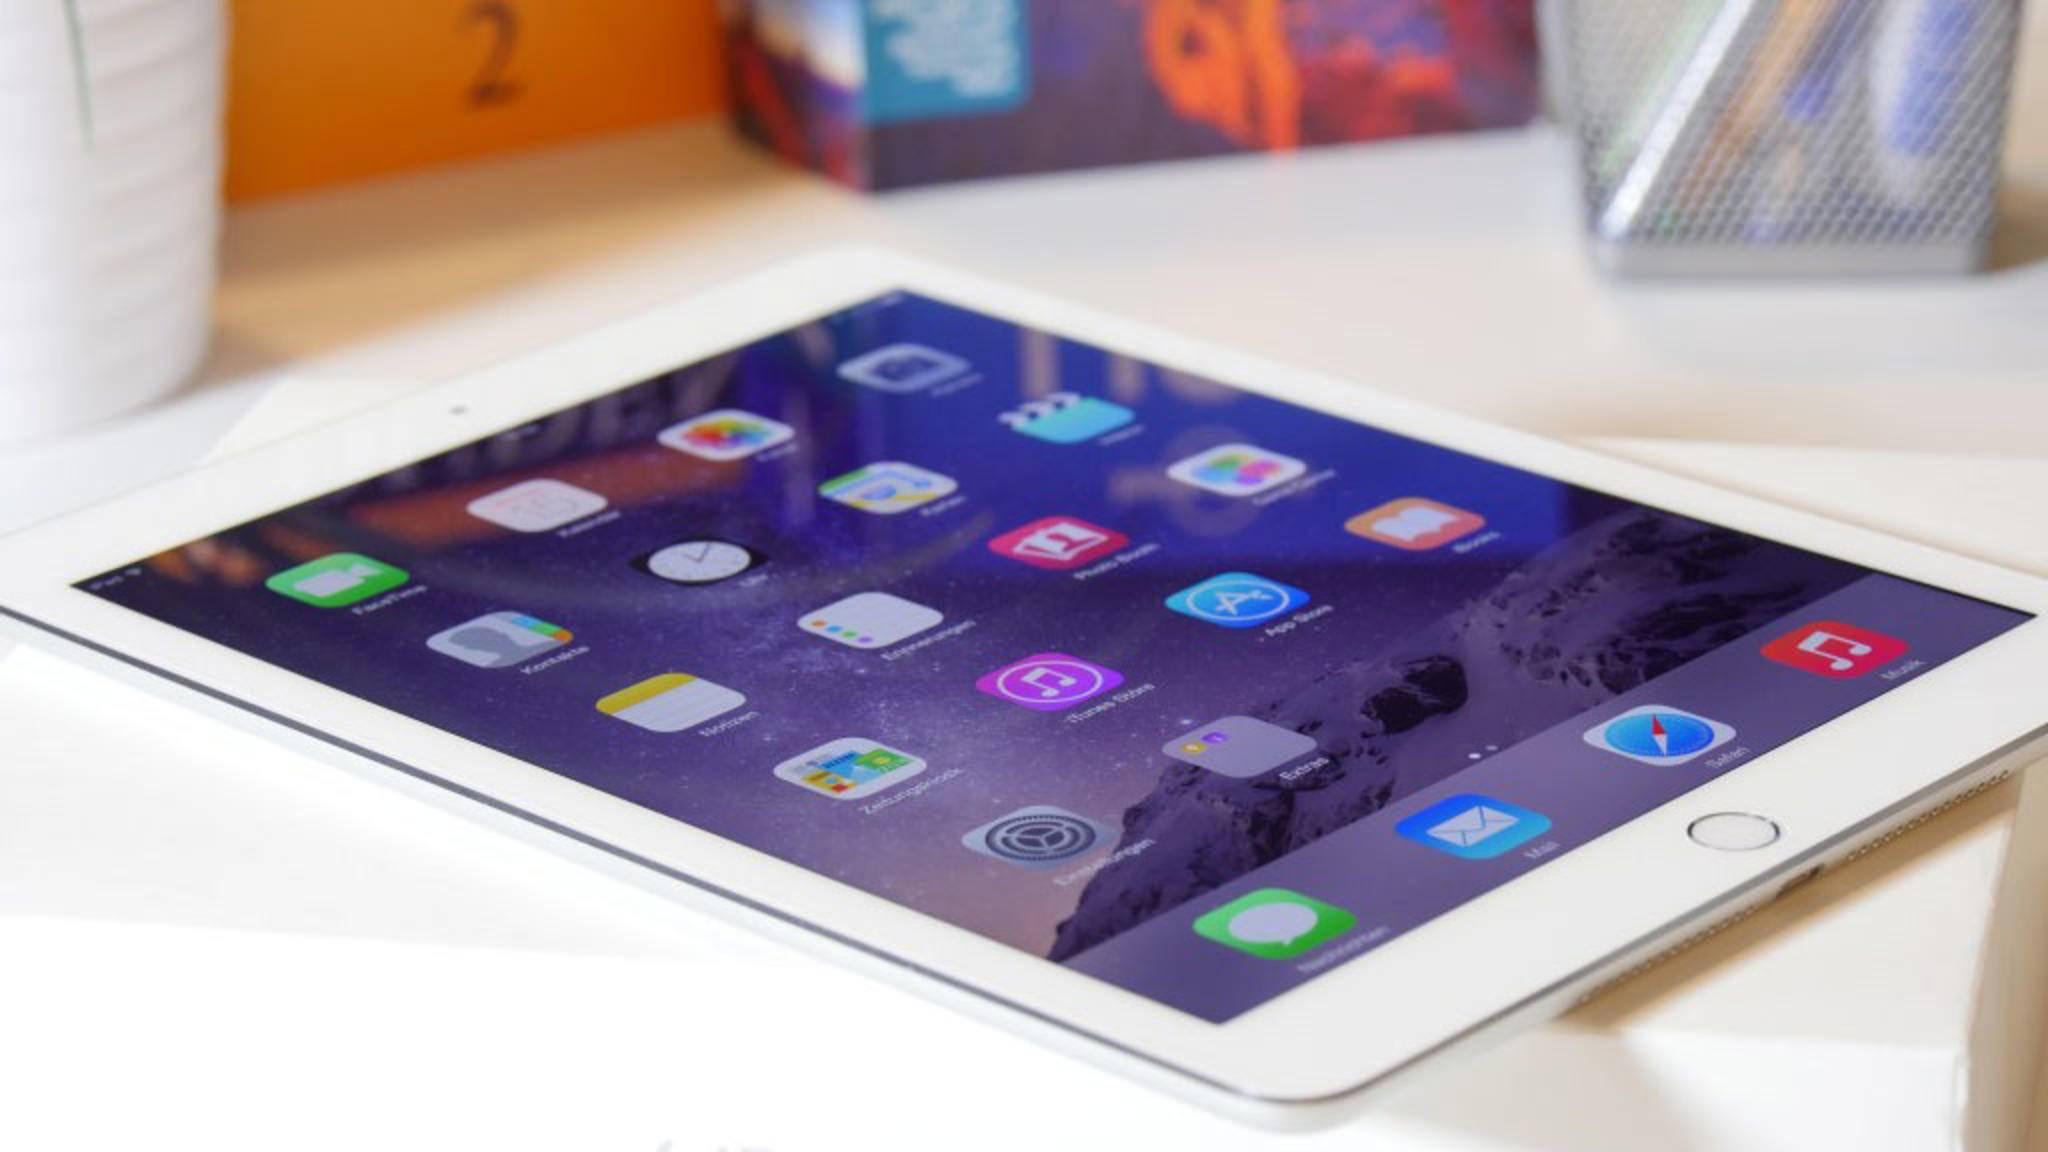 Das iPad Air 2 wird knapp – und dürfte demnächst aus Apples Sortiment gestrichen werden.